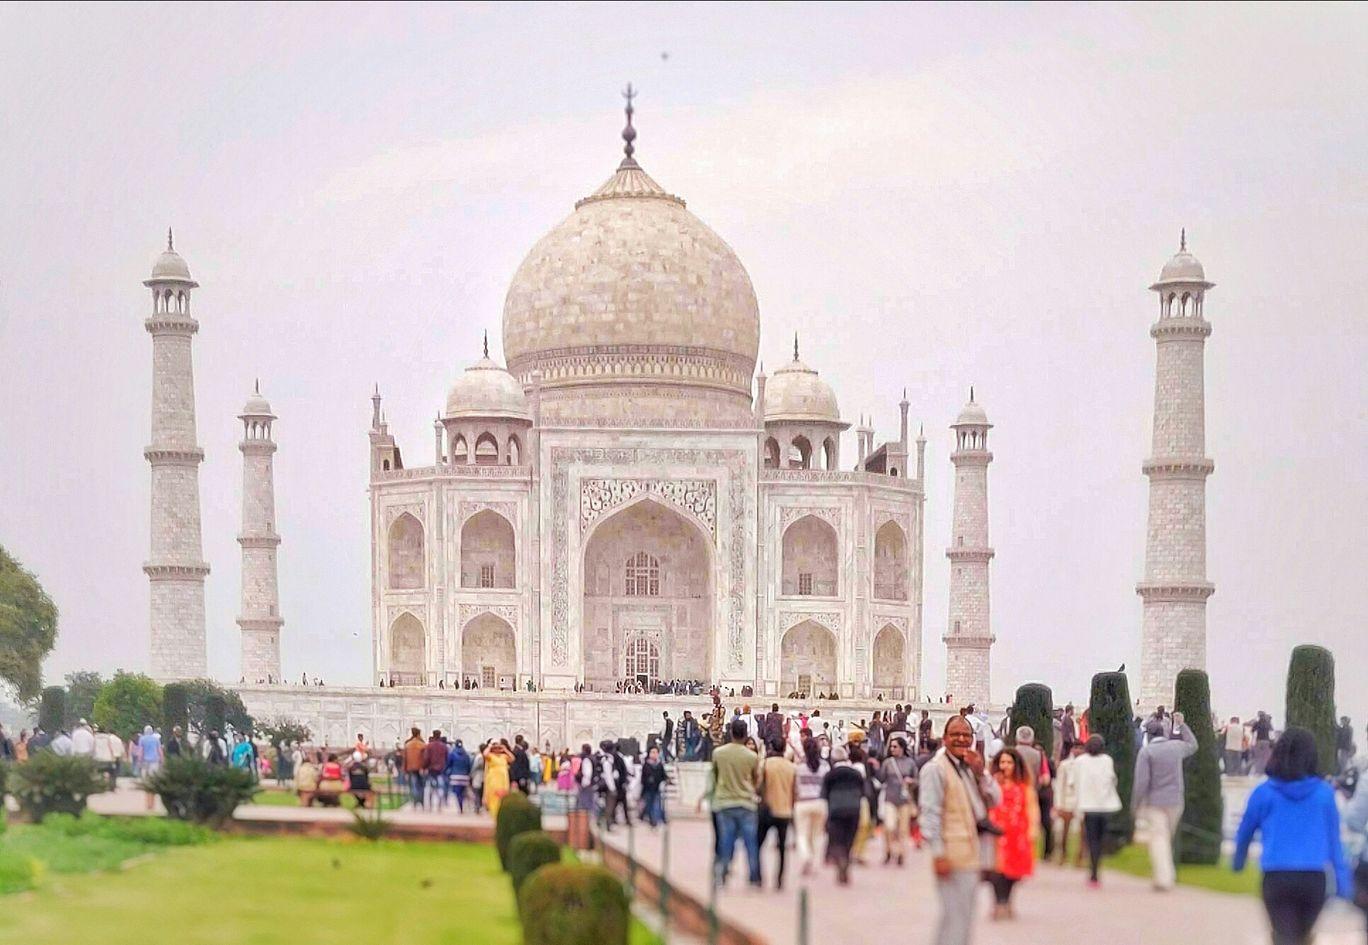 Photo of Taj Mahal By Shikhar Leo